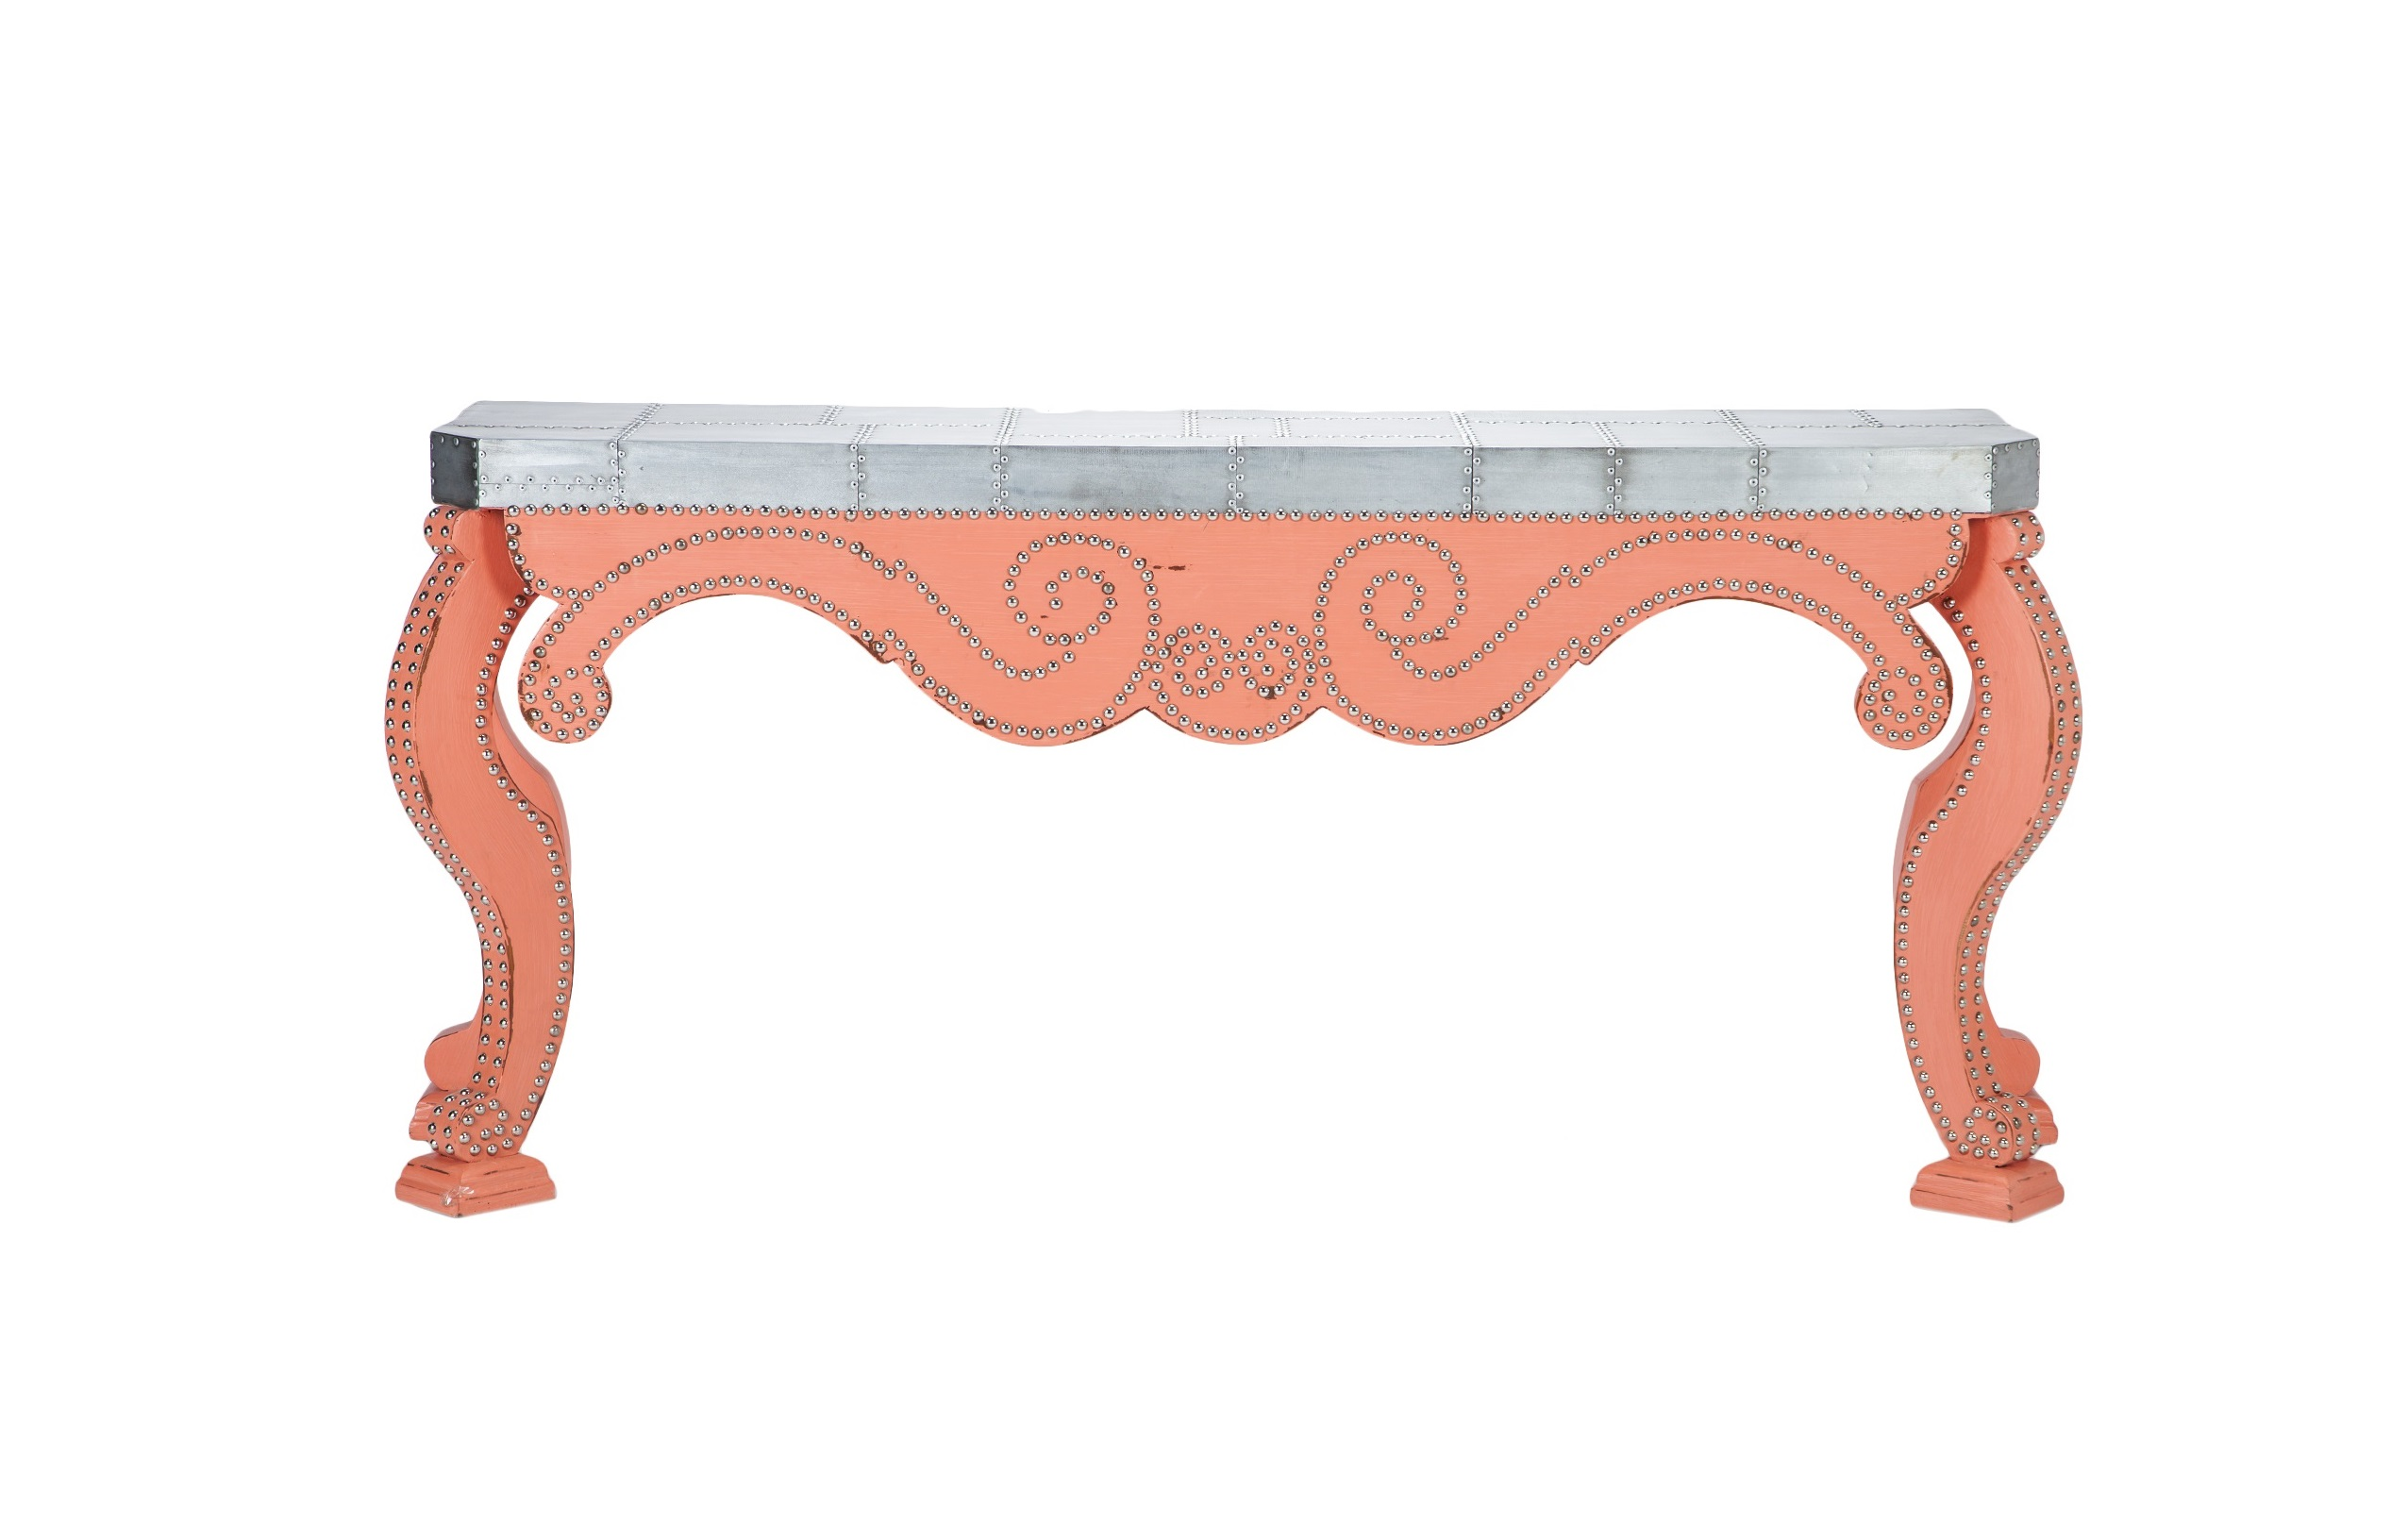 КонсольИнтерьерные консоли<br>Дизайнерская консоль из дерева махагони, столешница декорирована металлом.&amp;amp;nbsp;&amp;lt;div&amp;gt;&amp;lt;br&amp;gt;&amp;lt;/div&amp;gt;&amp;lt;div&amp;gt;Глубина столешницы 41 см,&amp;amp;nbsp;&amp;lt;/div&amp;gt;&amp;lt;div&amp;gt;максимальная глубина консоли 51 см.&amp;lt;/div&amp;gt;<br><br>Material: Красное дерево<br>Ширина см: 187<br>Высота см: 85<br>Глубина см: 41